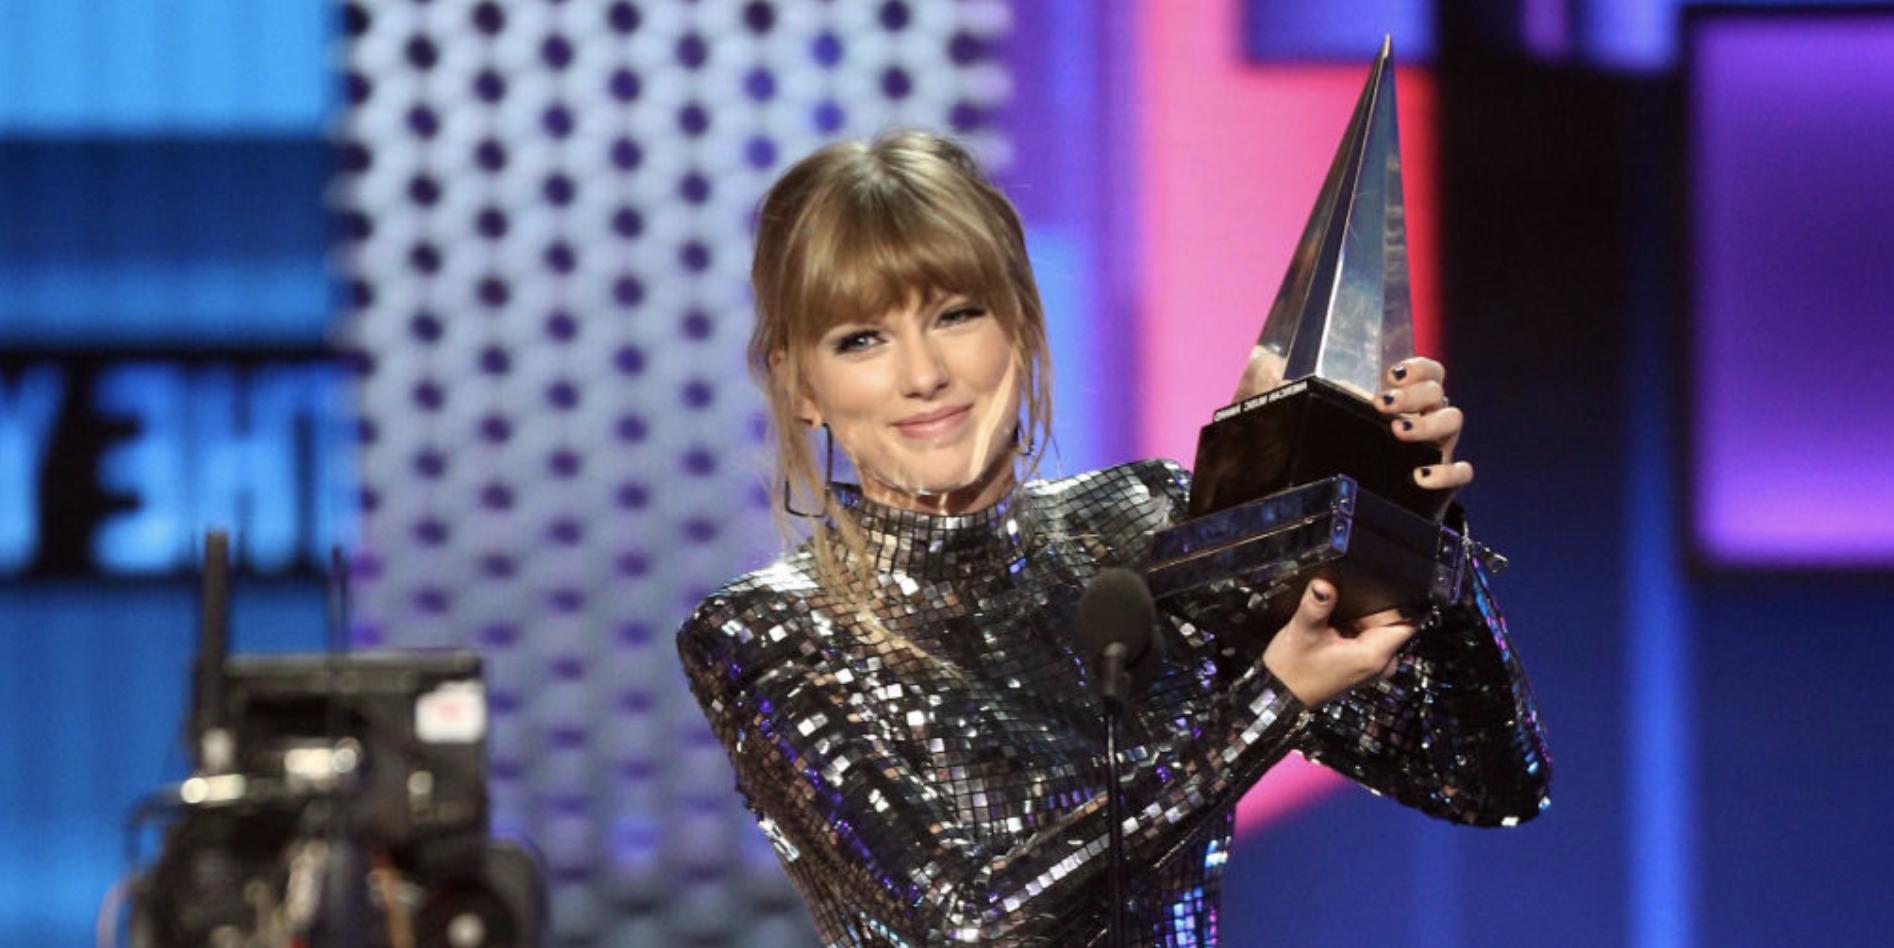 Taylor Swift ist die Künstlerin des Jahres? Diese Rapper*innen hätten es mindestens genau so verdient